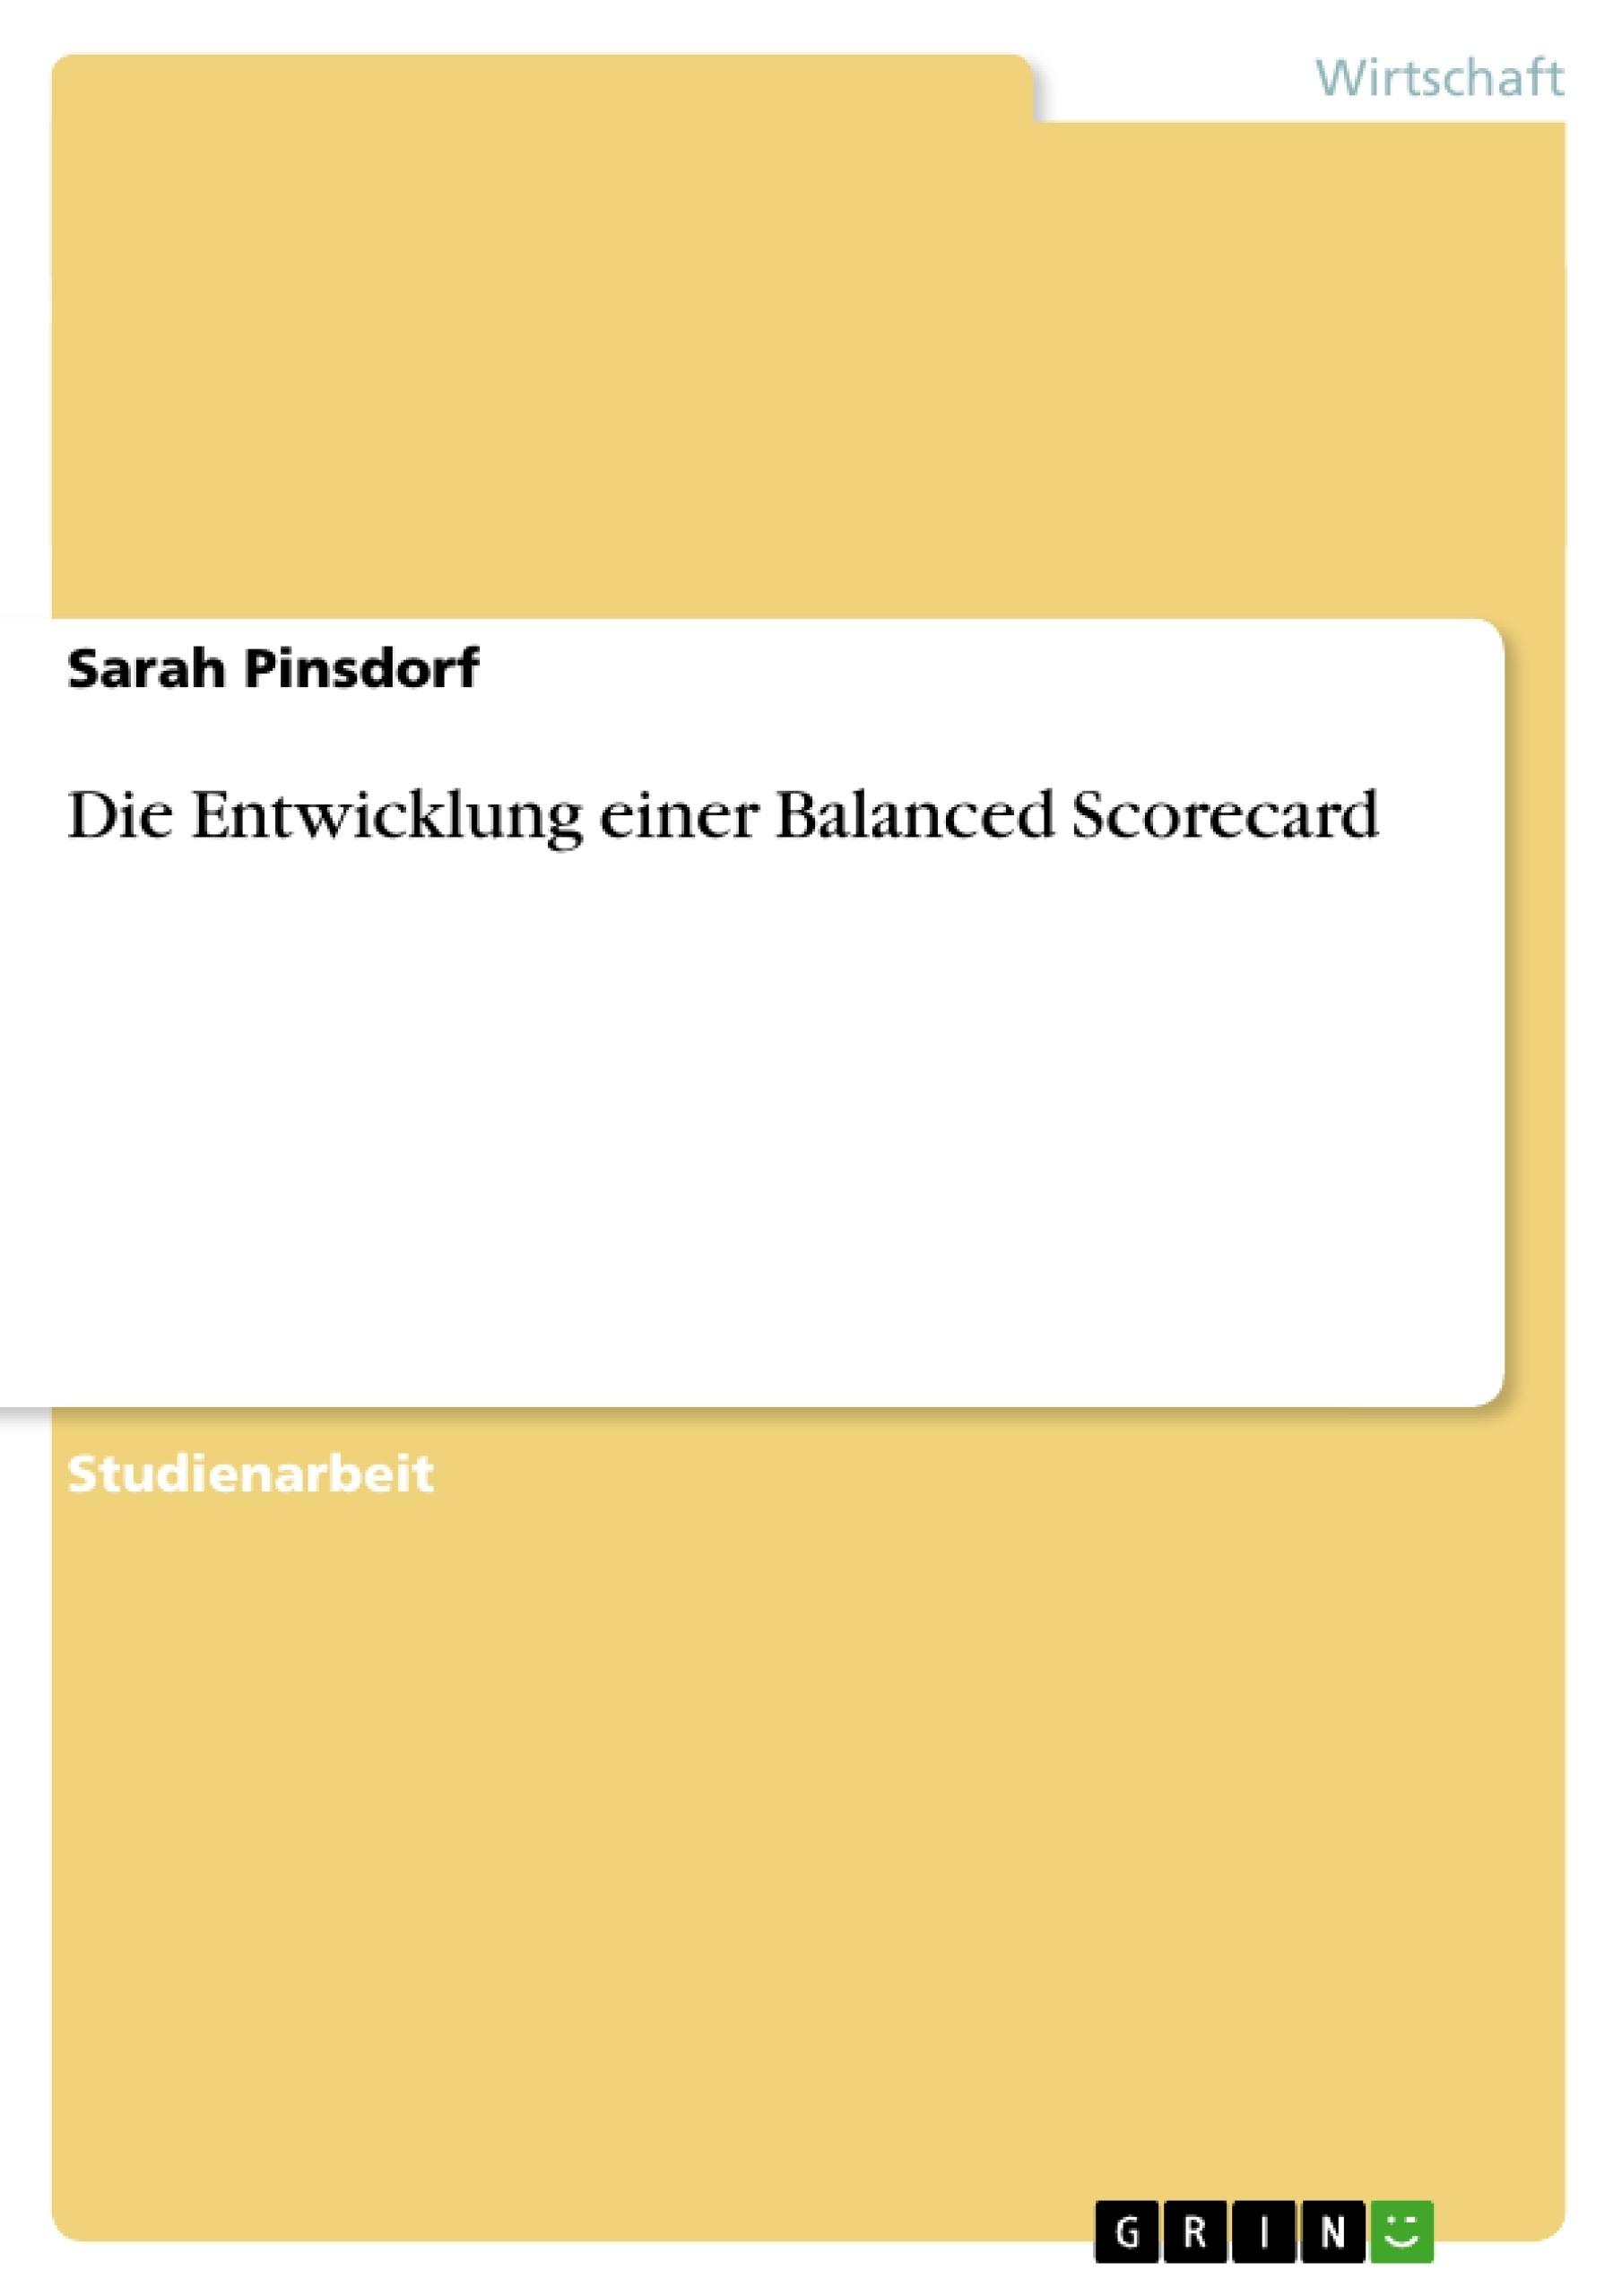 Titel: Die Entwicklung einer Balanced Scorecard